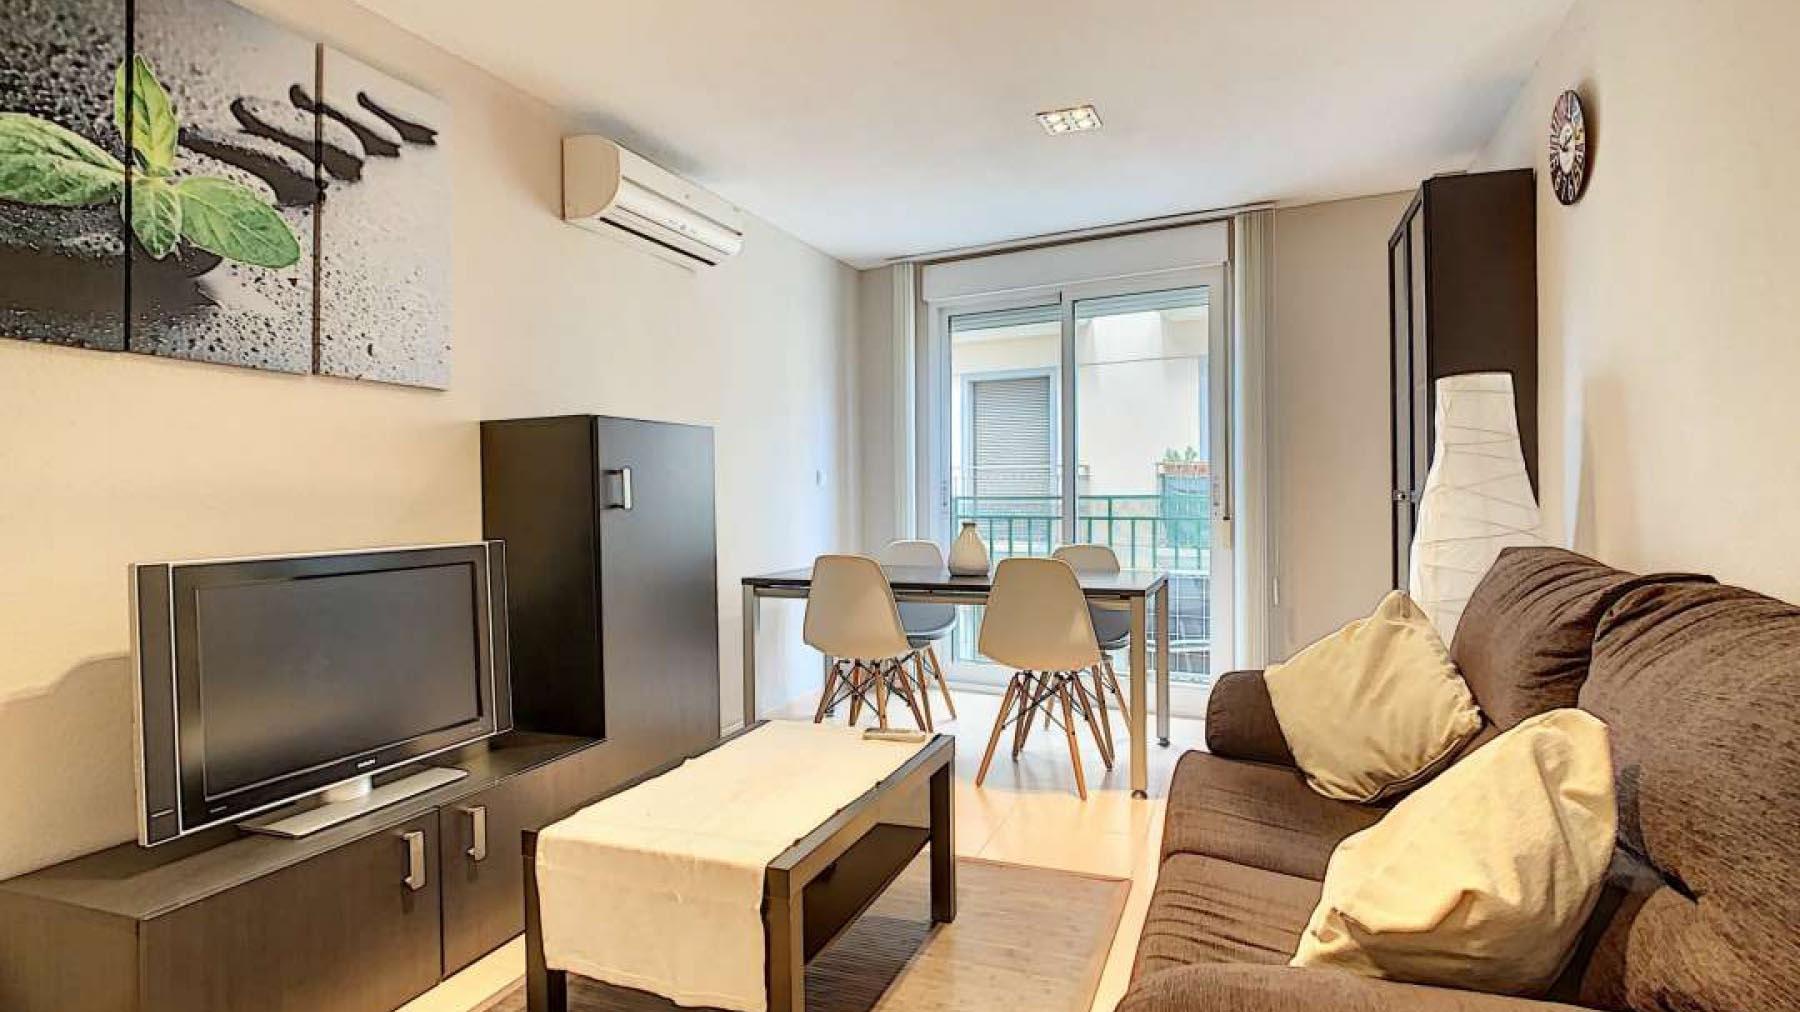 Аренда квартира в Испании город Аликанте 1 спальня в центре города San Antón